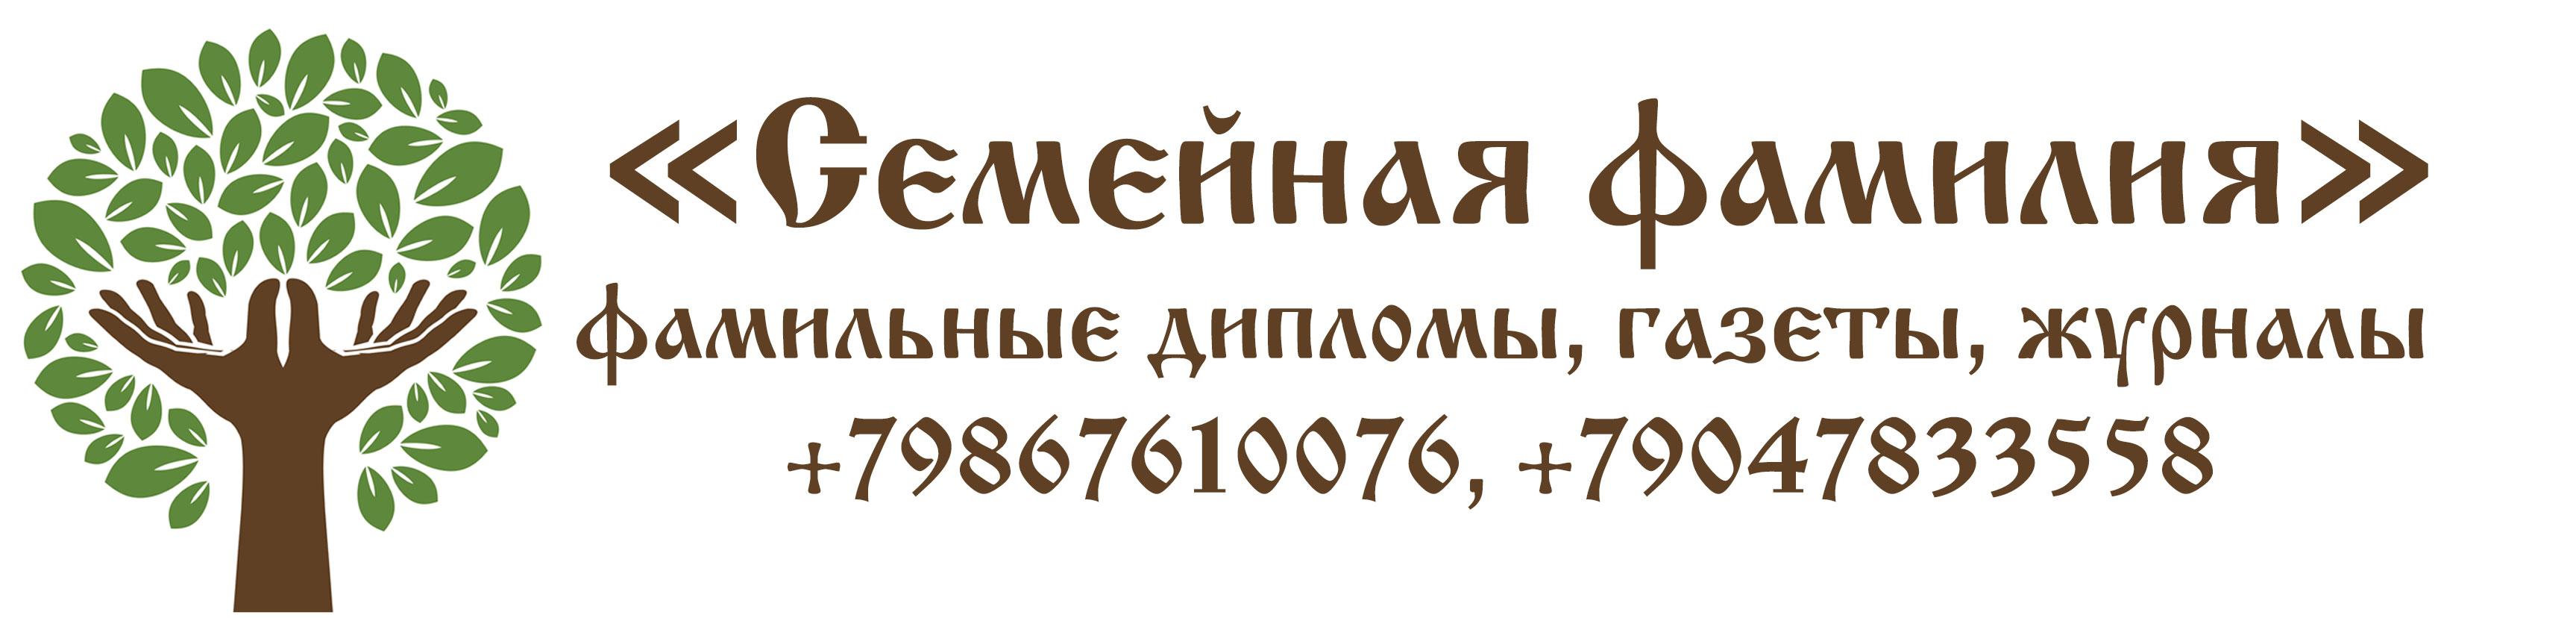 Семейная фамилия: сайт о происхождении фамилии, о гербах, о родословной